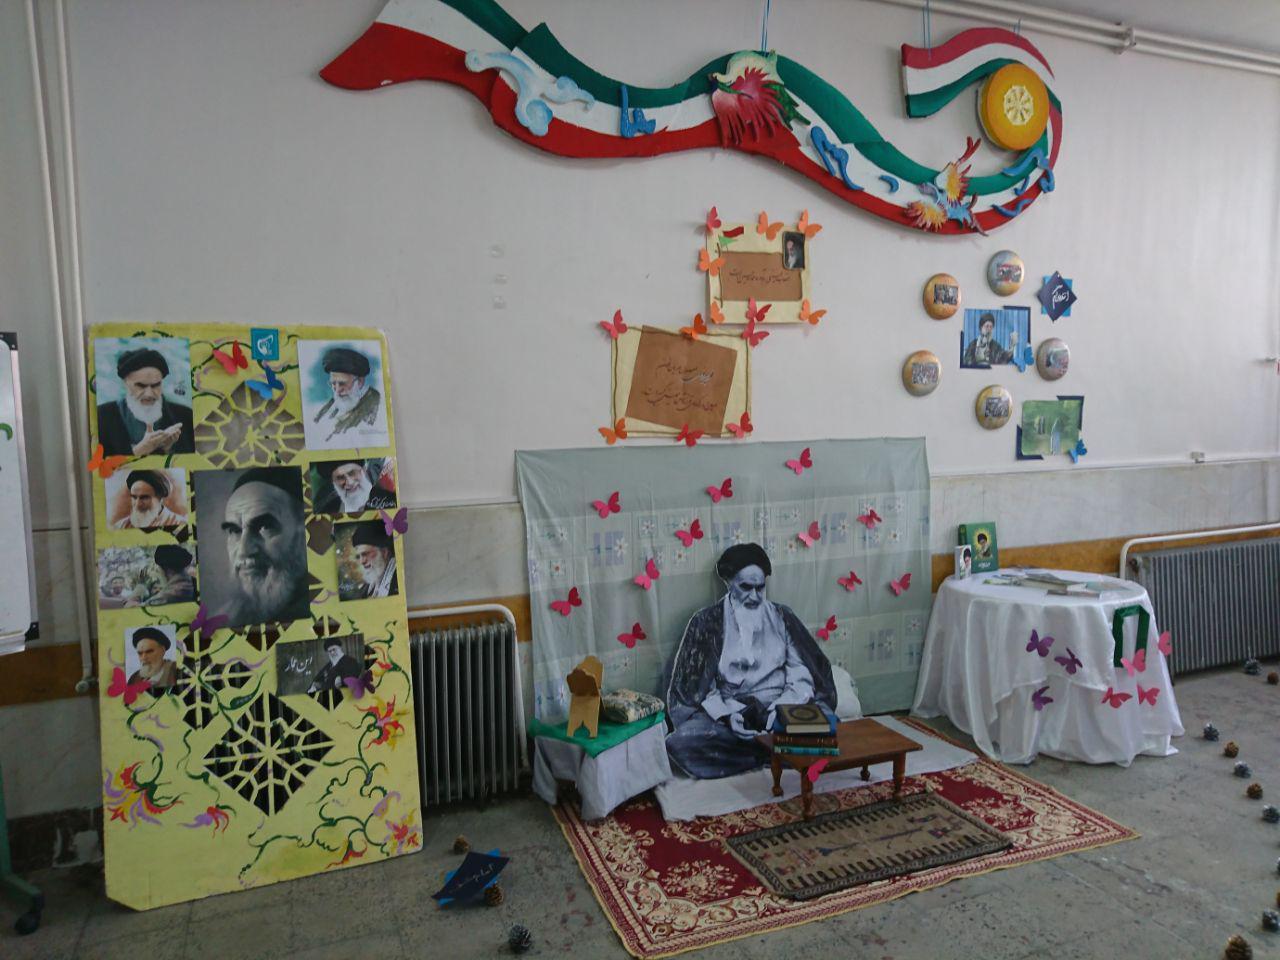 بازدید مدیریت دبیرستان از نمایشگاه دهه ی فجر مدرسه ی مطهره